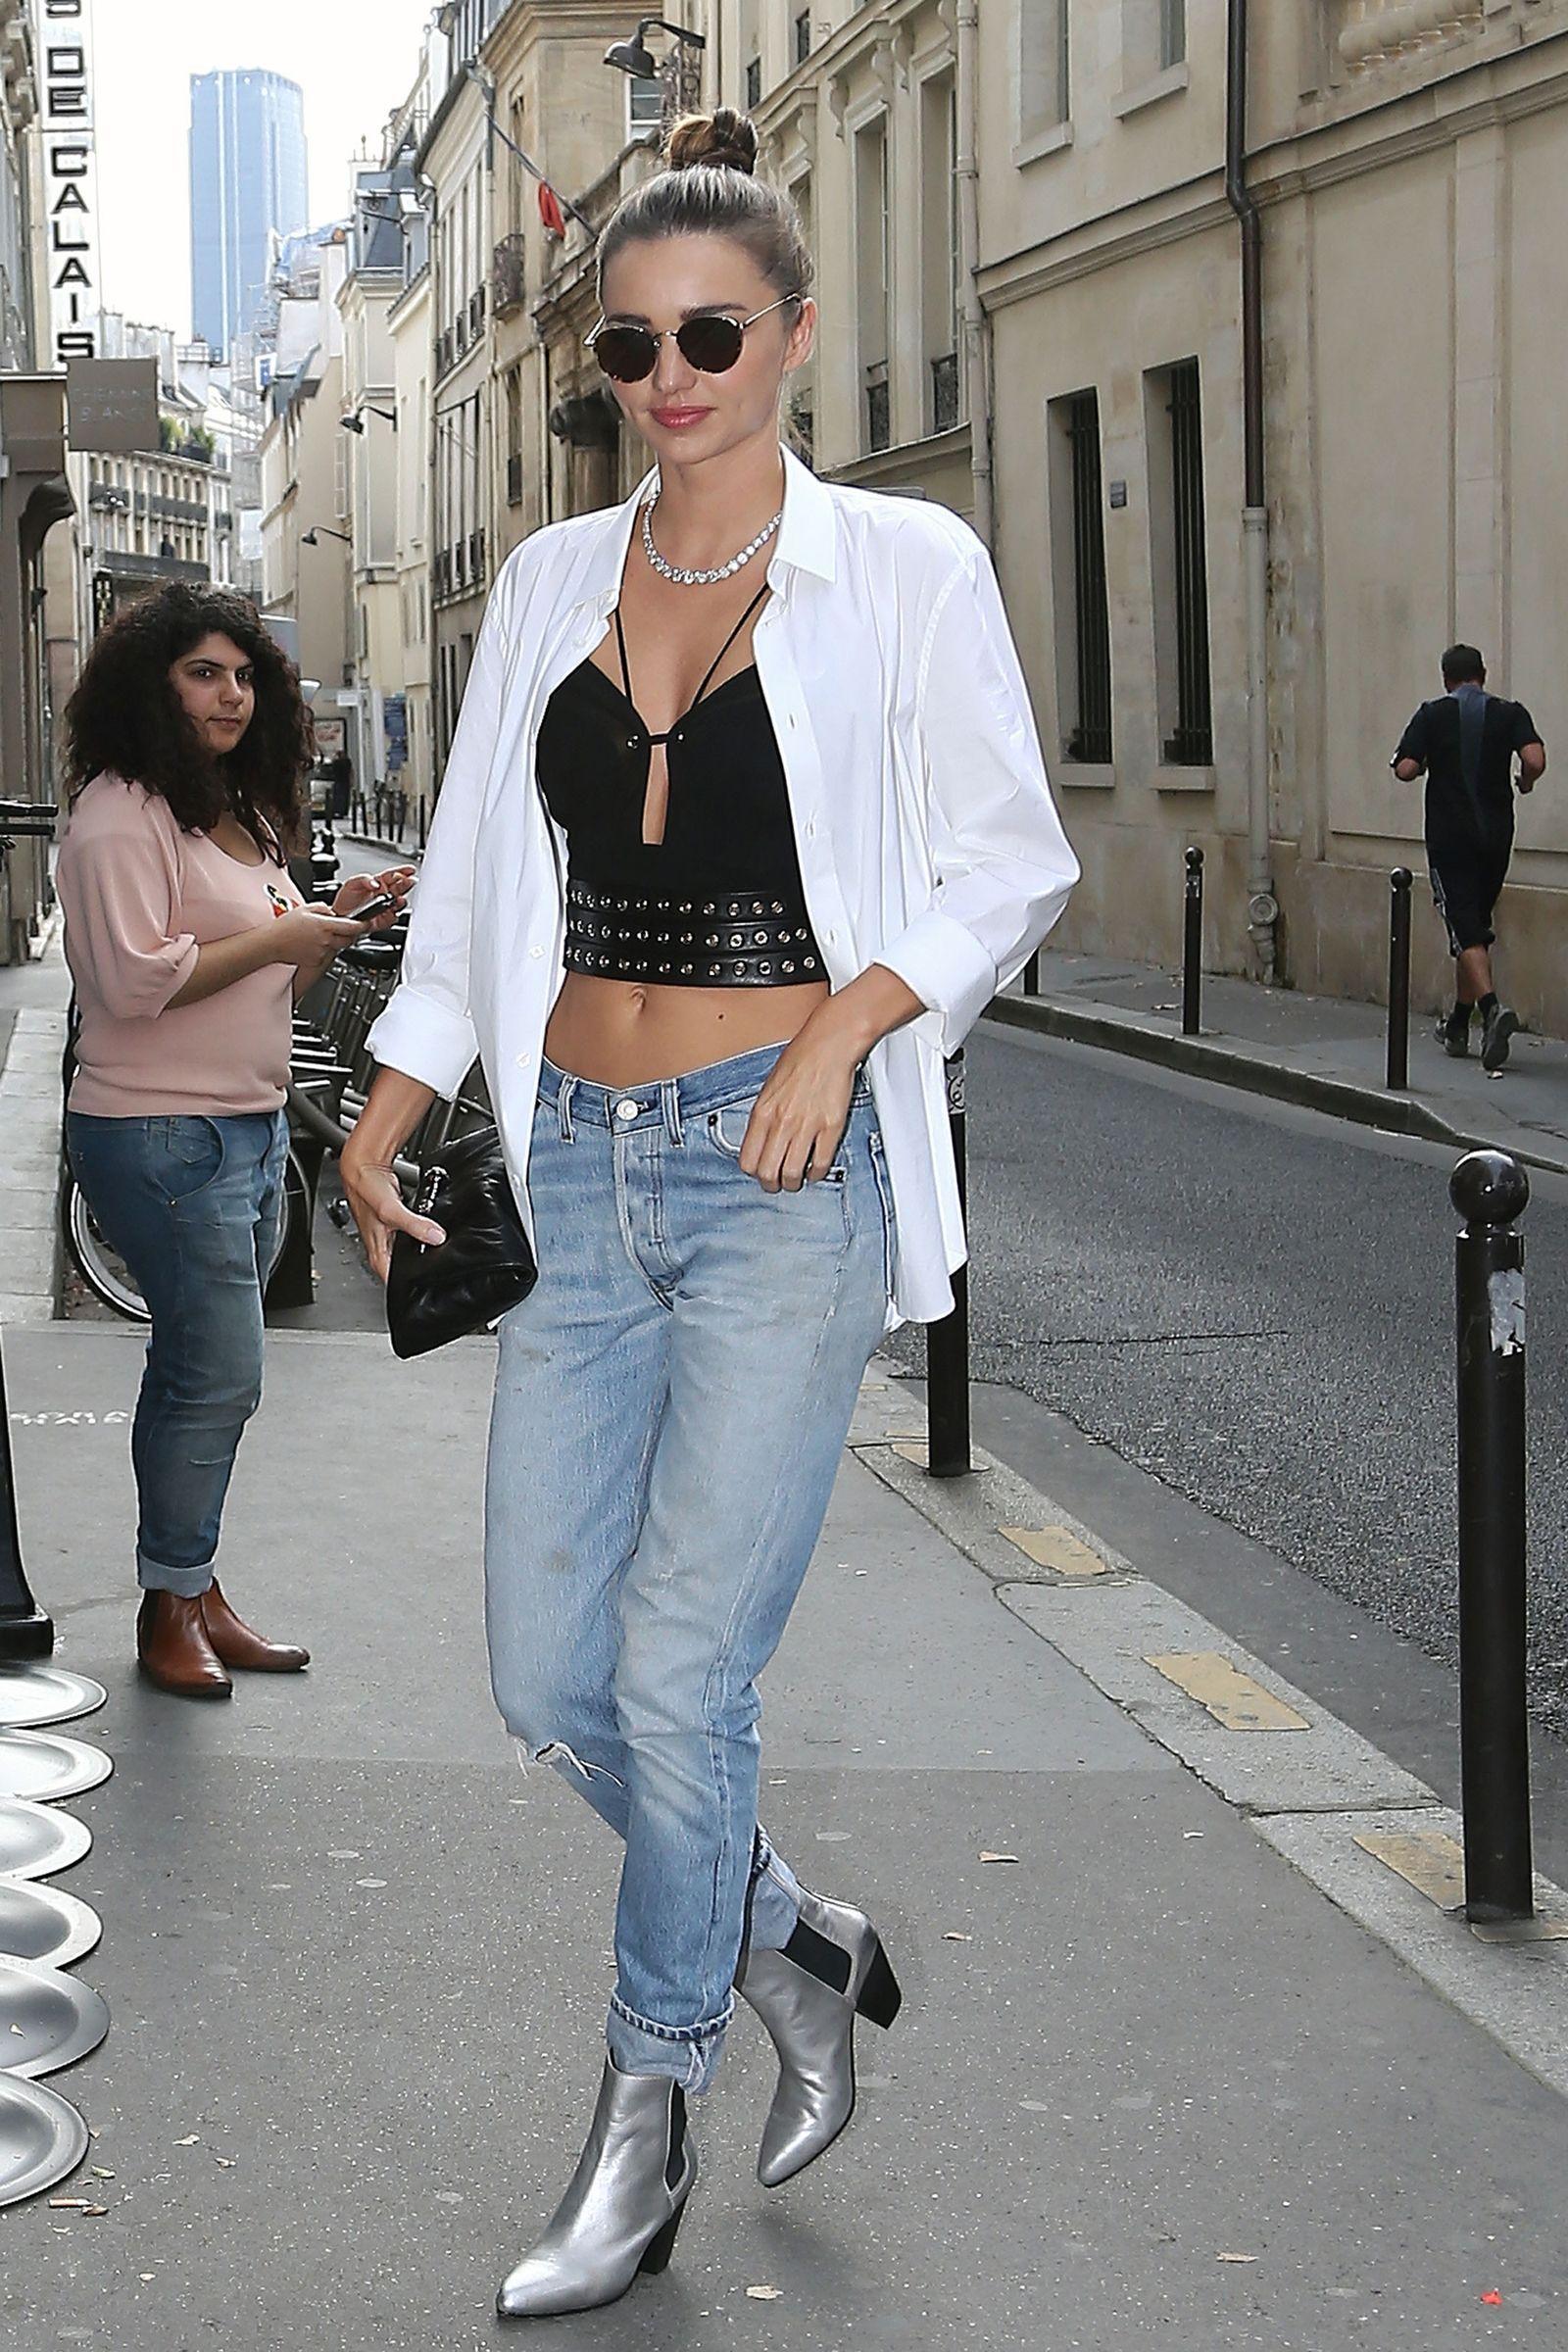 Chica usando unas botas de color plata